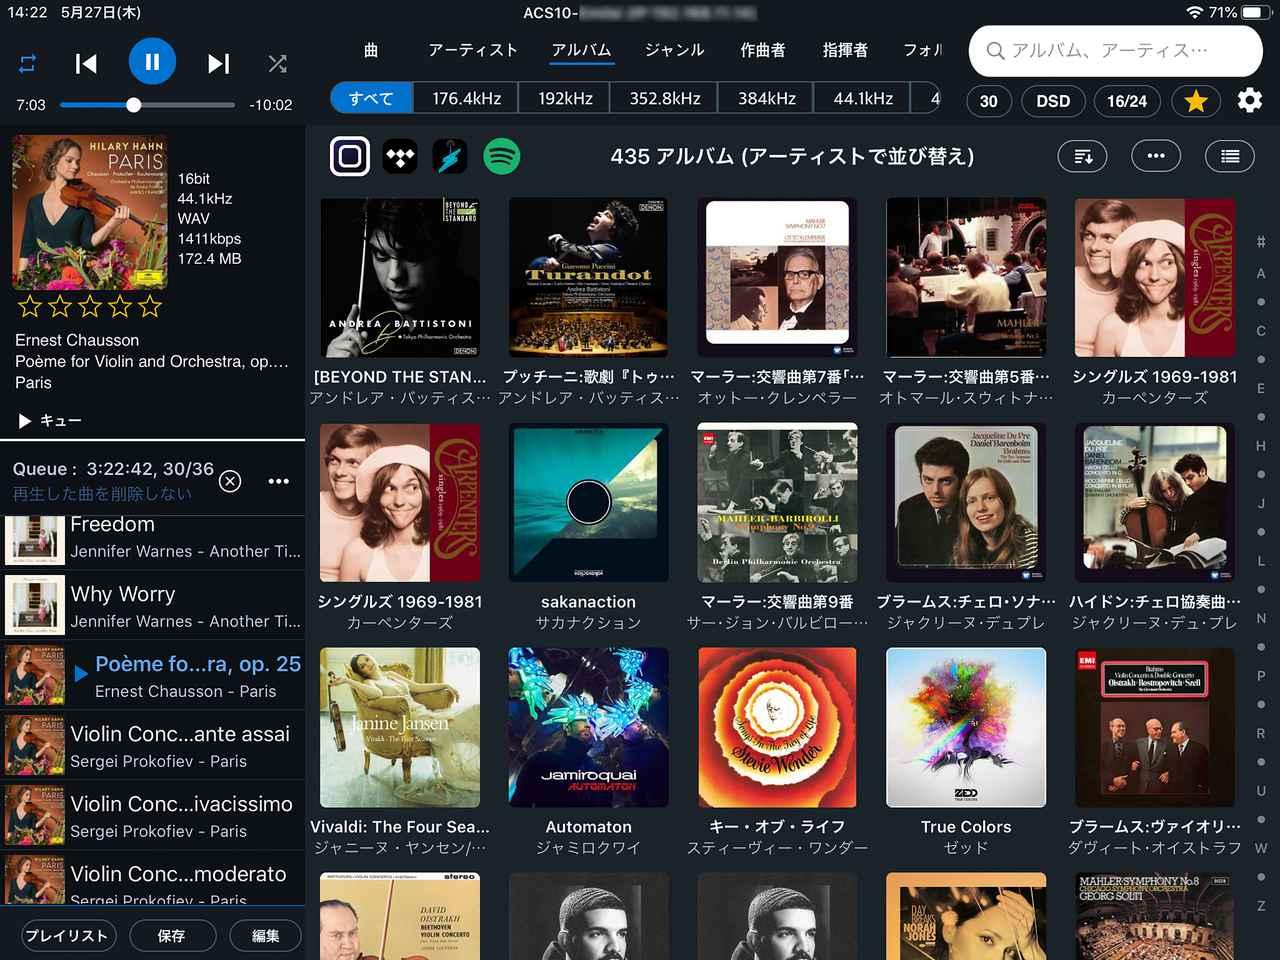 画像: 「Aurender Conductor」画面の一例。リスト表示のフィルターで曲やアルバムごとの表示、さらにサンプリング周波数でのフィルタリングも可能。フォルダーの階層表示も可能な点は、特にこだわりの強いユーザーには嬉しい特徴だ。なお、本アプリでログインしておけばTIDALやQobuz、Spotifyなどでの音楽ストリーミングにも対応する